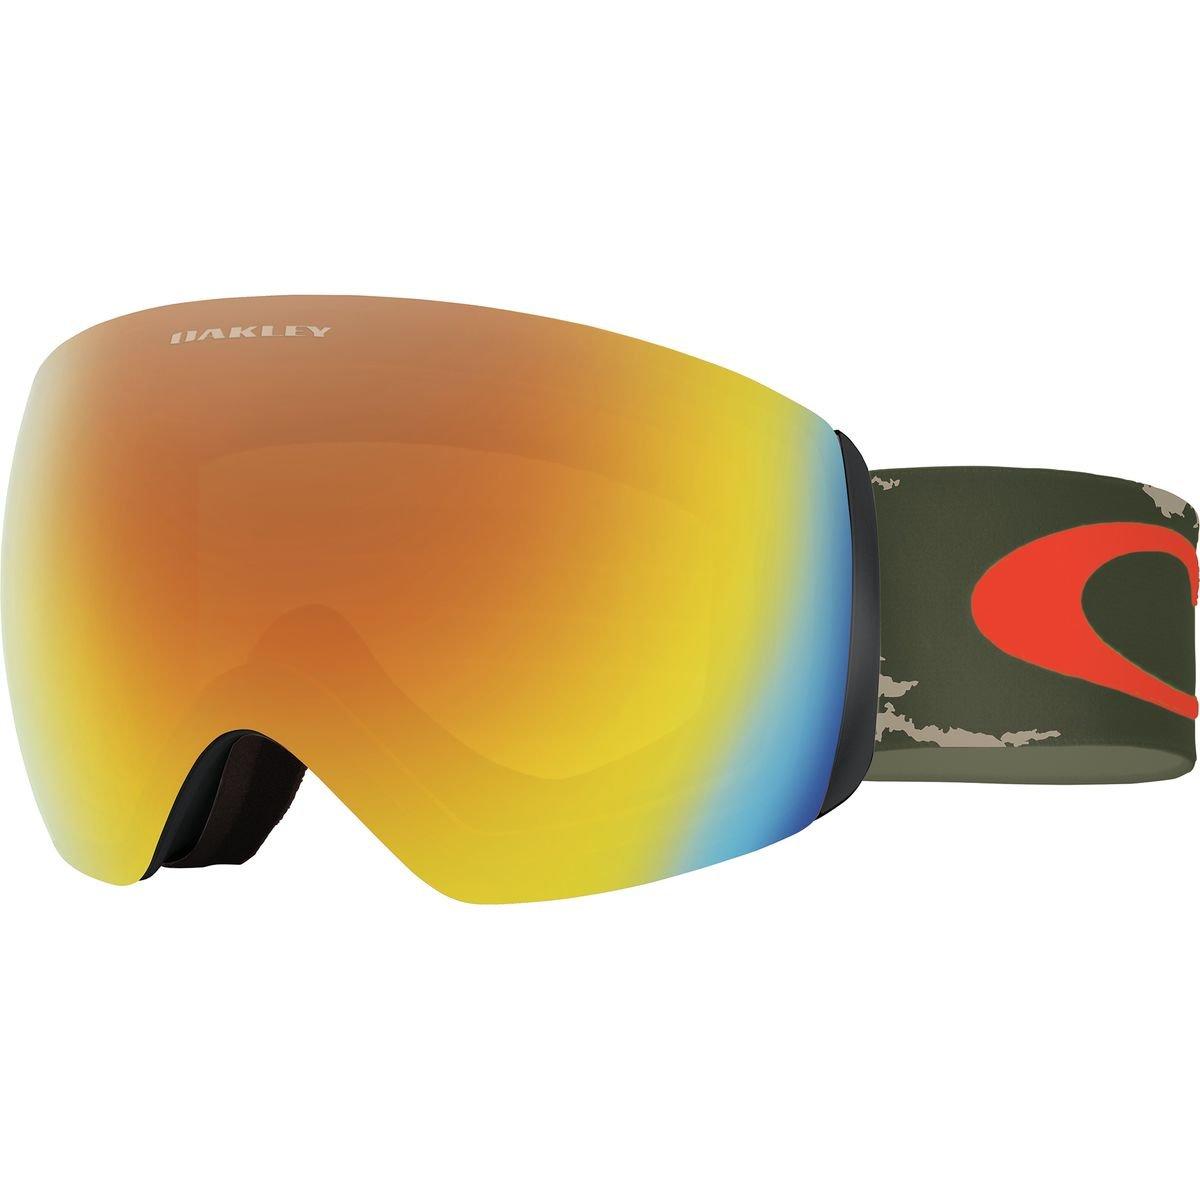 design eyewear  deck xm eyewear